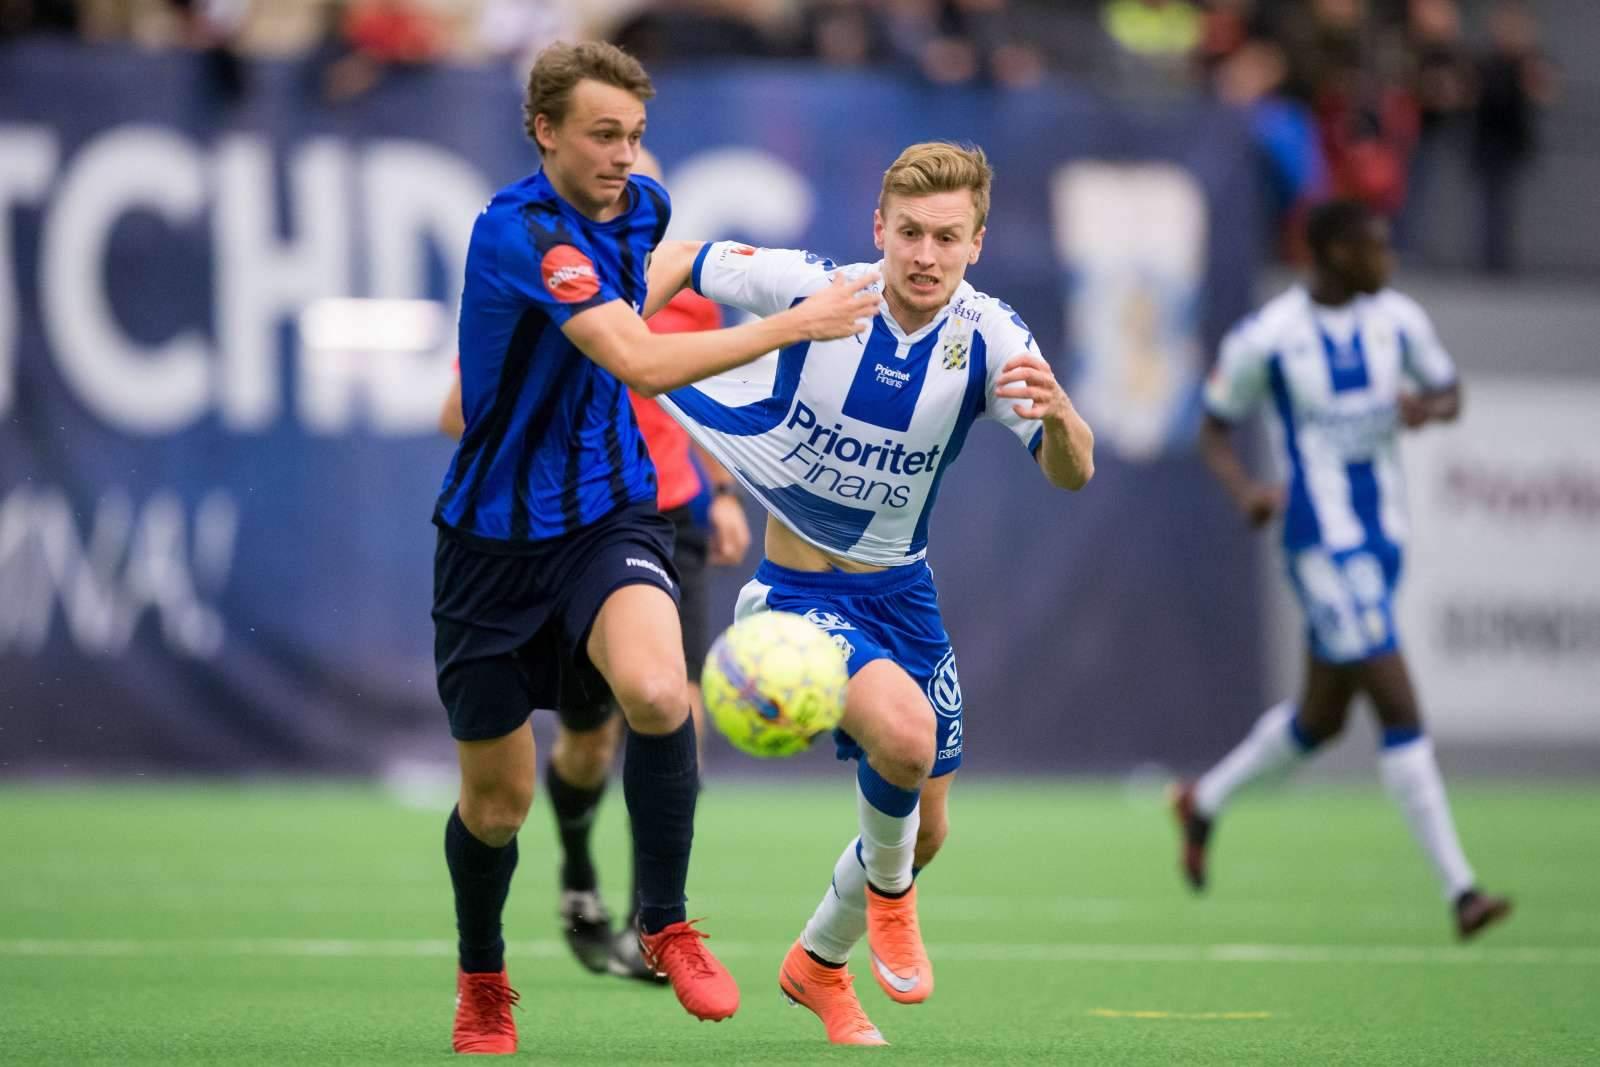 Защитник «Стрёмсгодсета» Микельсон: «У Бохинена голова соображает так же быстро, как двигаются ноги»